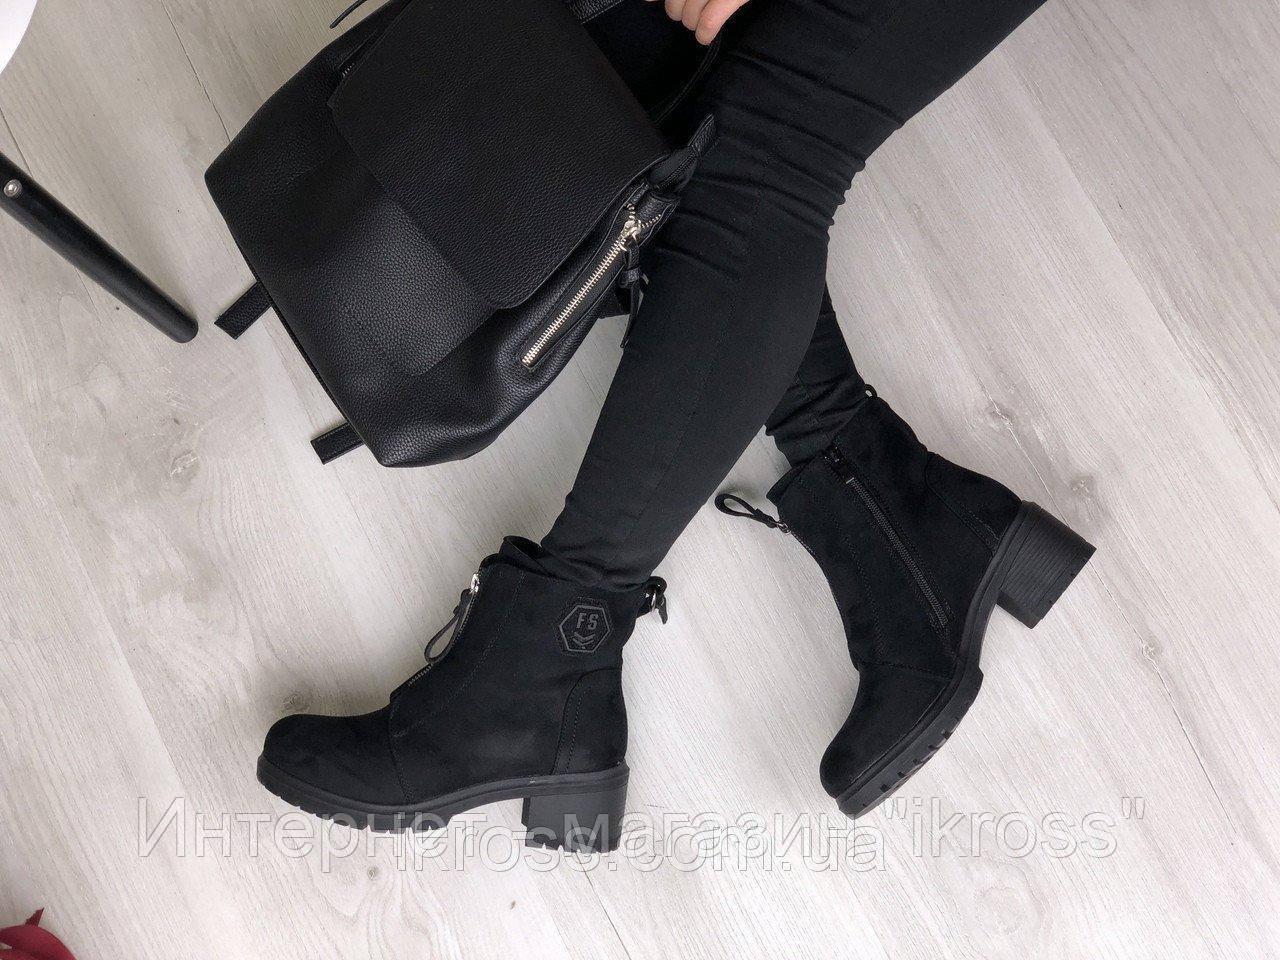 2565c1e6 Черные зимние женские ботинки на каблуке со шнуровкой.: купить или ...